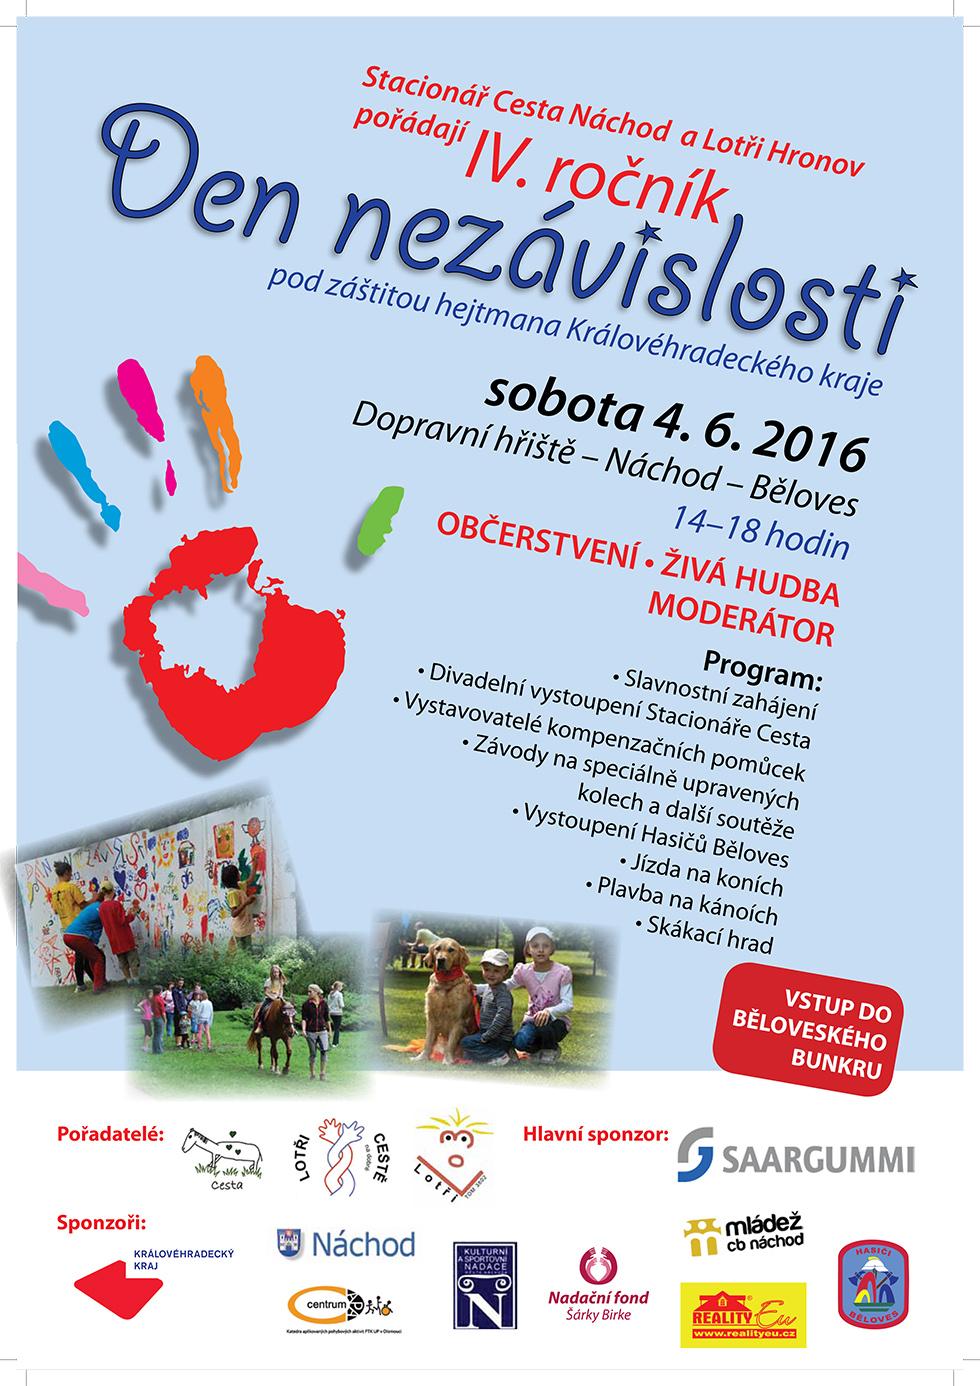 Den nezávislosti - 4.6.2016, dopravní hřiště Náchod - Běloves